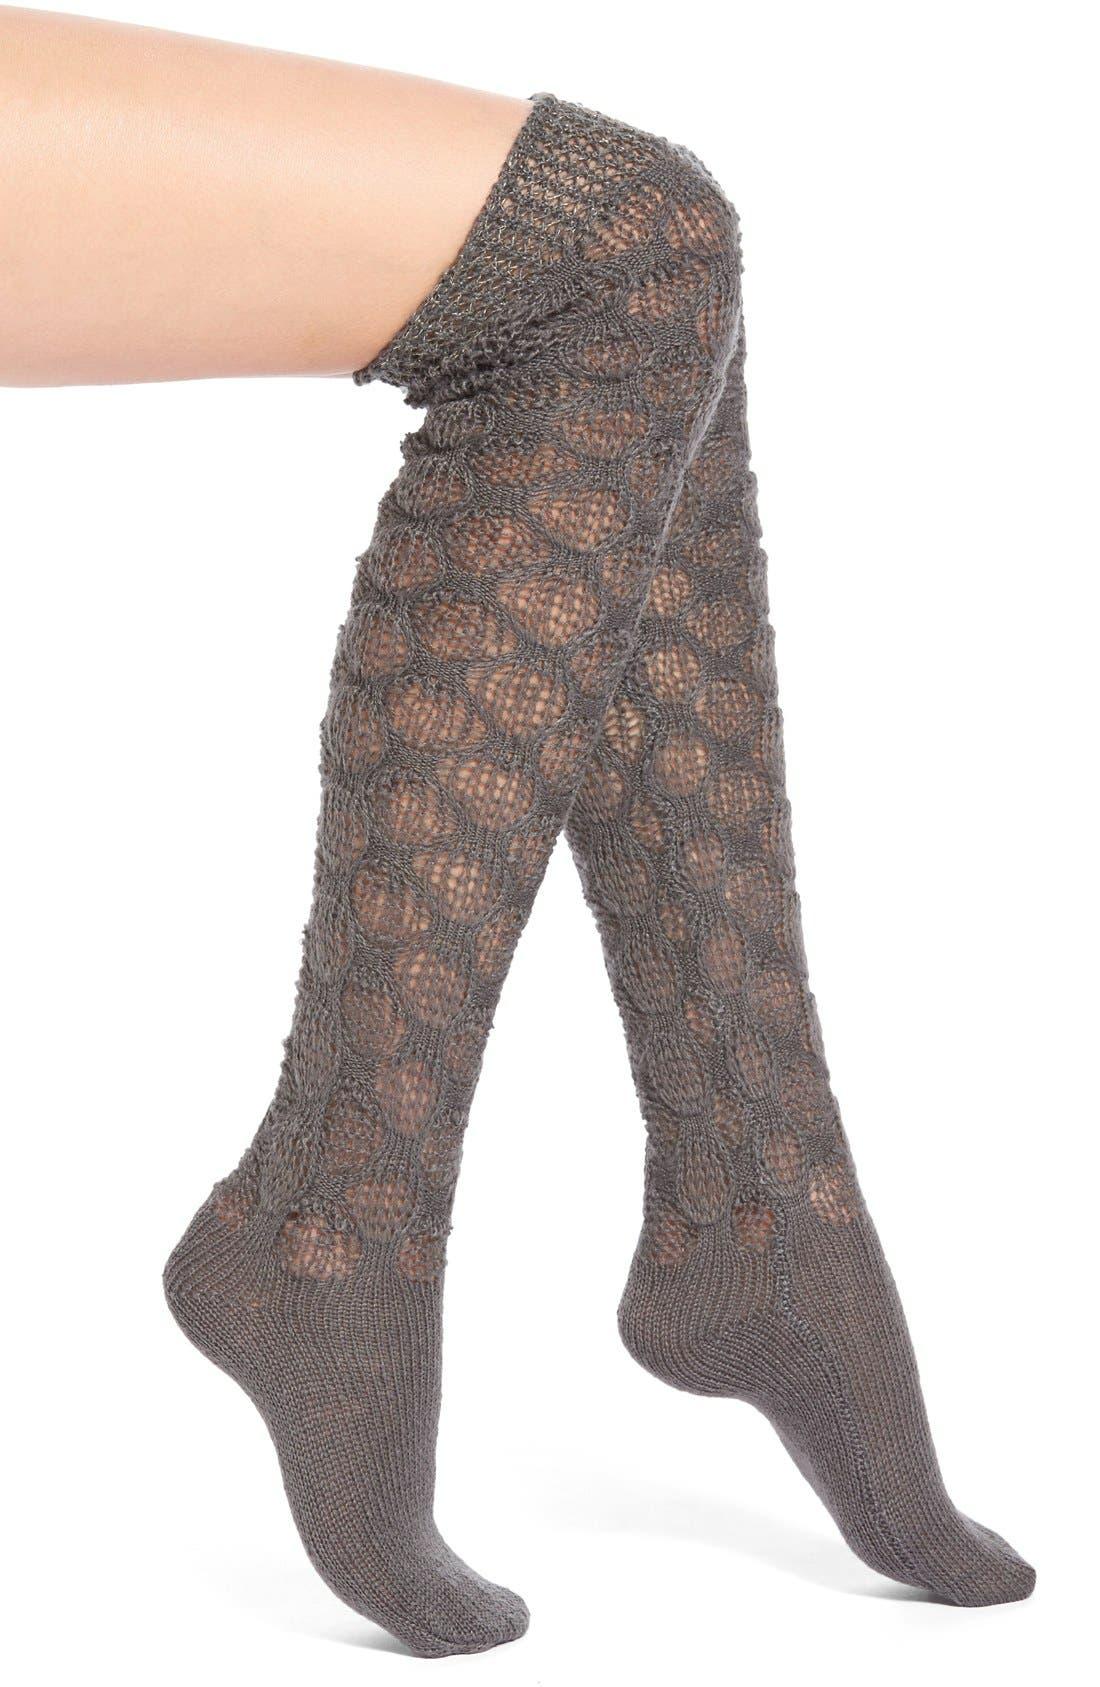 Main Image - Lemon 'Frosted' Crochet Over the Knee Socks